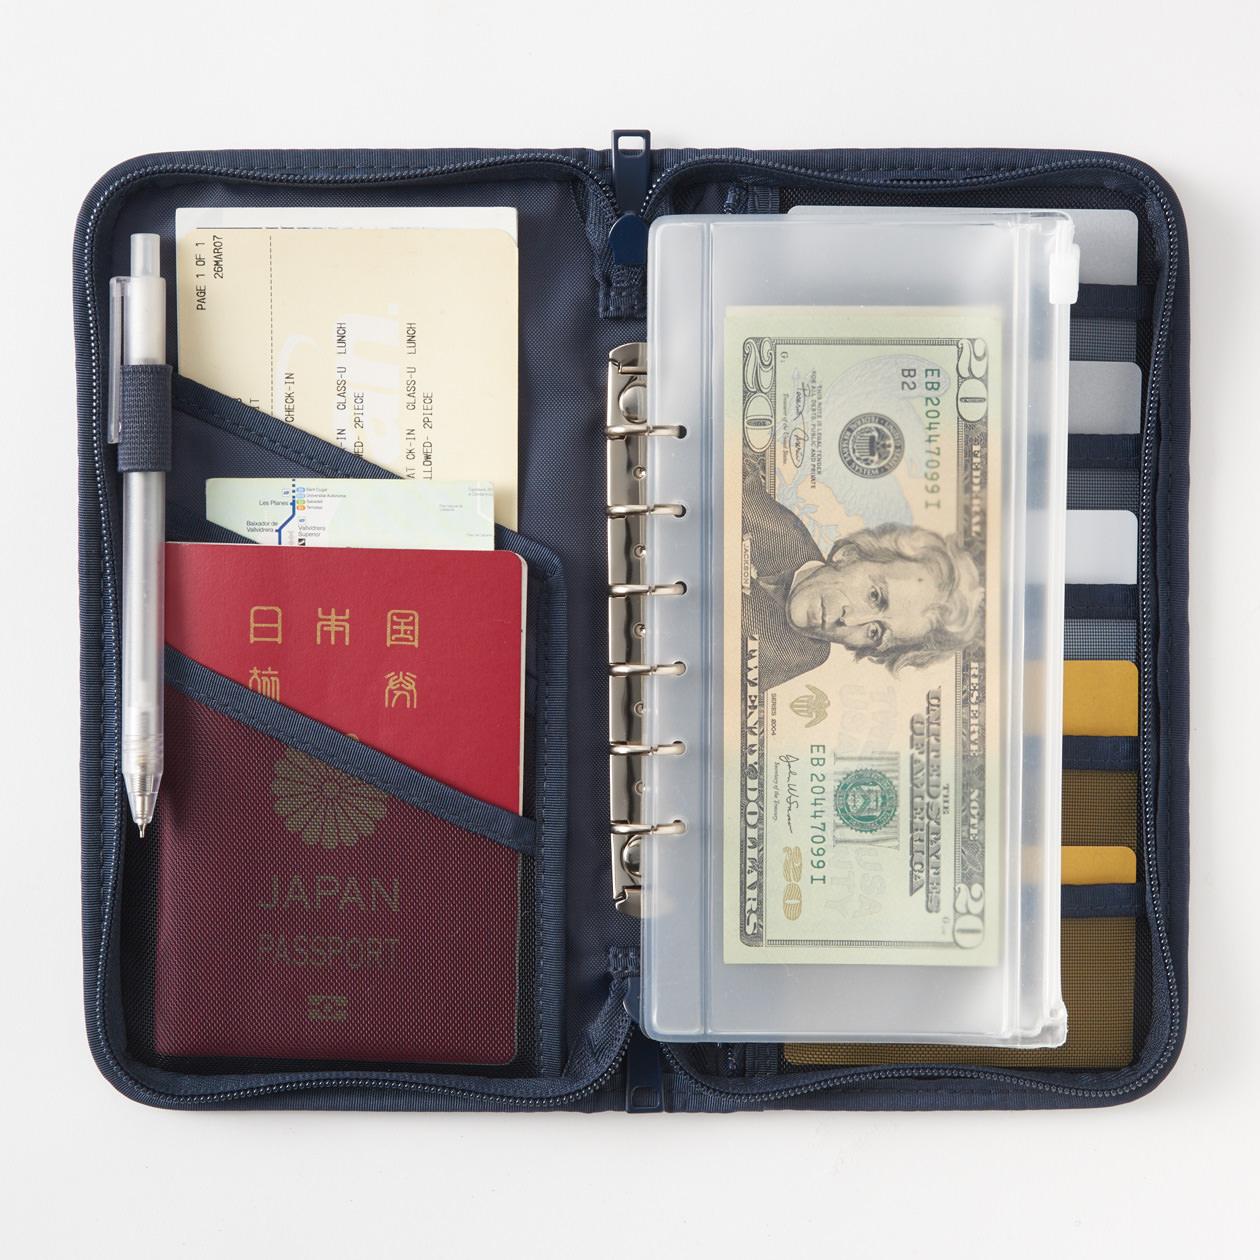 パスポートケースのおすすめ9選!スキミング防止や透明の商品も